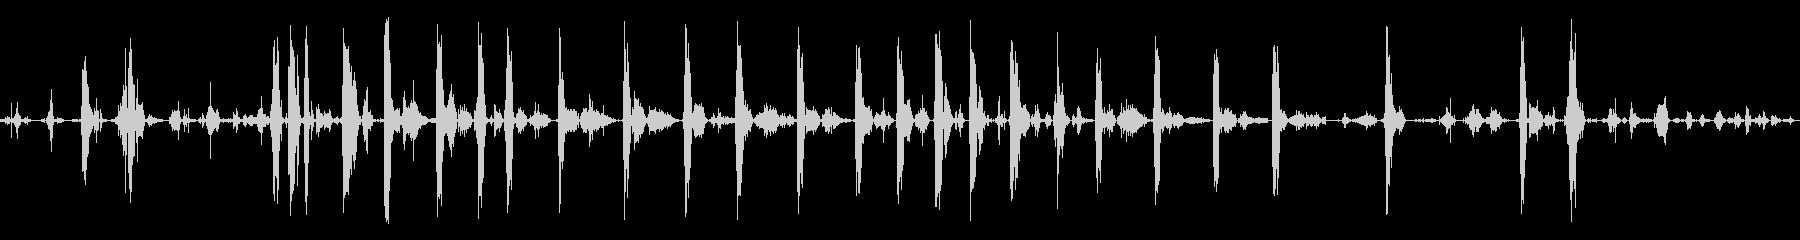 ピットブル犬咳吐き興奮の未再生の波形